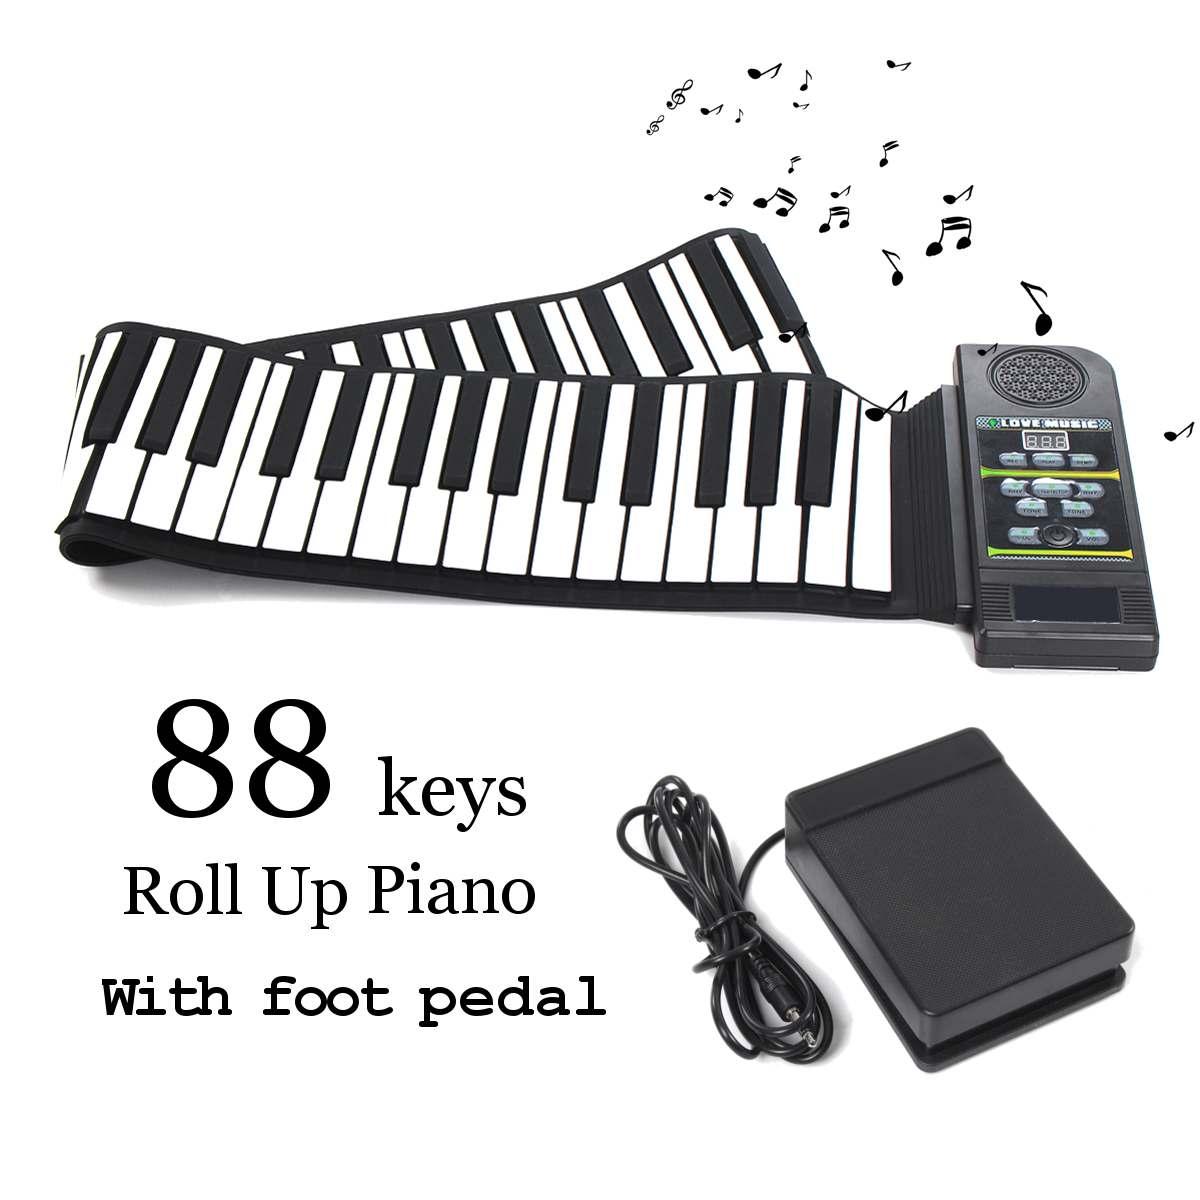 88 touches retrousser Piano électronique clavier souple silicone Flexible Piano + soutenir pédale MIDI avec haut-parleur fort enfants cadeau d'anniversaire